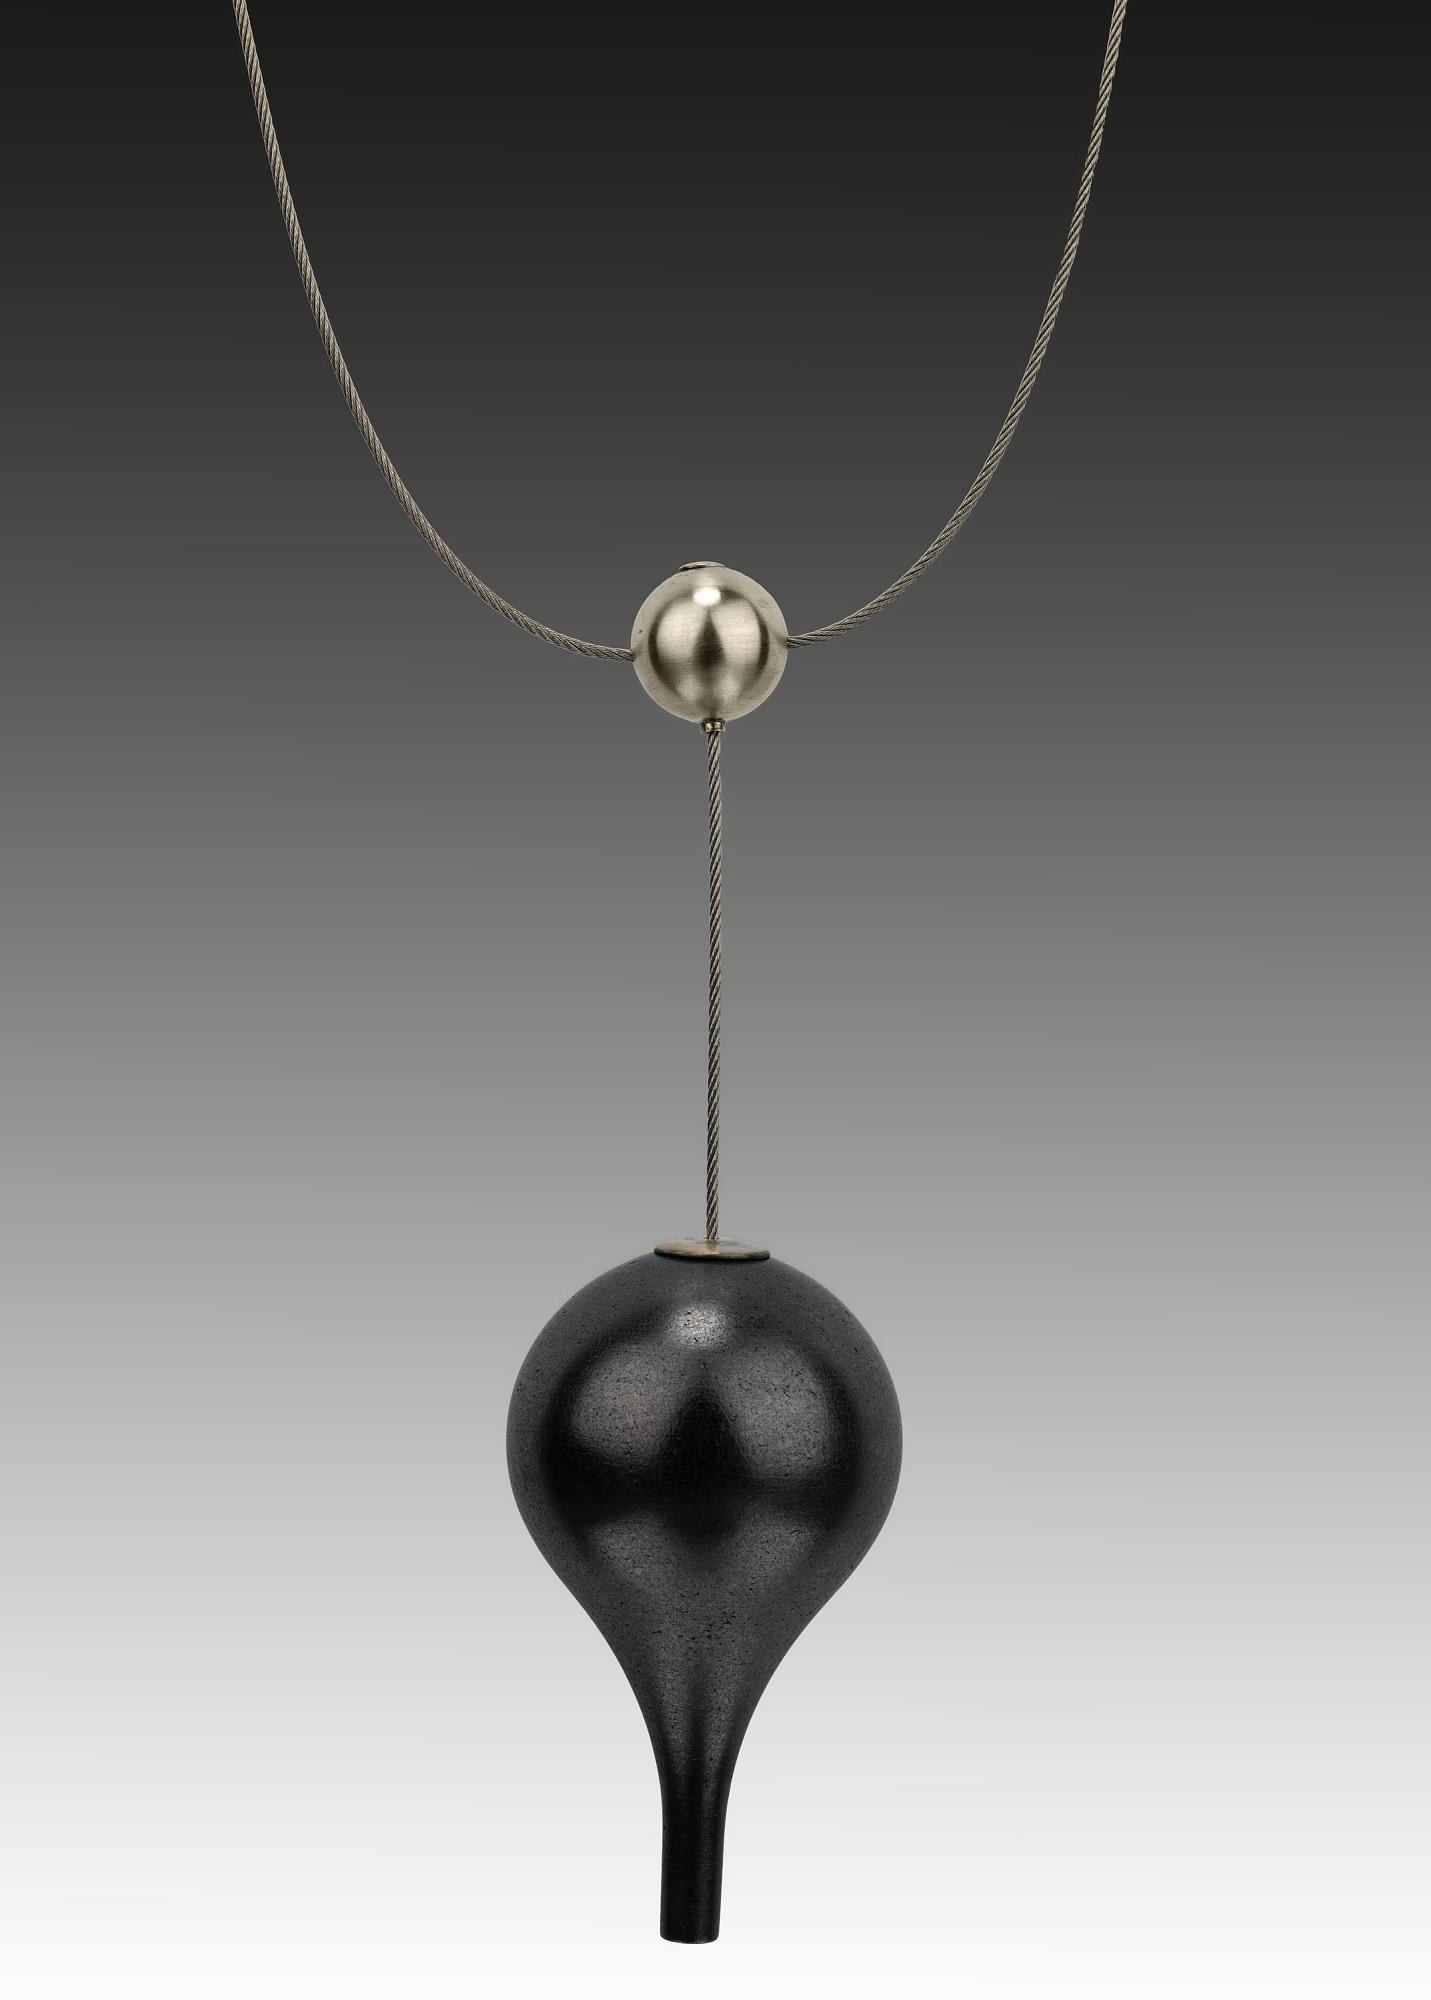 images for Graphite Pendulum-Pendant